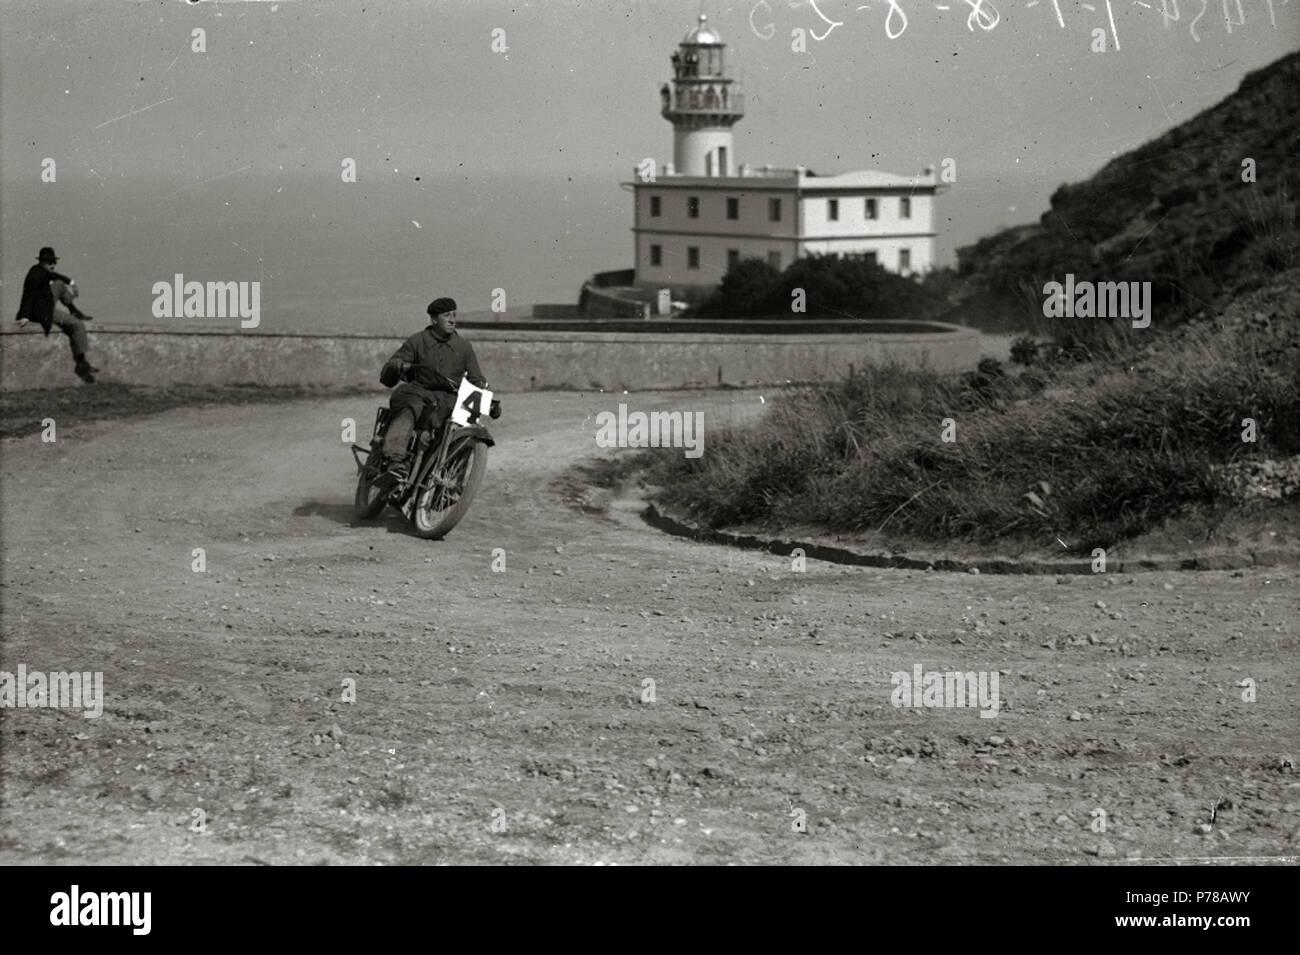 Español: Título original: Motociclismo por el Paseo del Faro (4/6) Localización: San Sebastián (Guipúzcoa)  . 1922 47 Motociclismo por el Paseo del Faro (4 de 6) - Fondo Car-Kutxa Fototeka Stock Photo